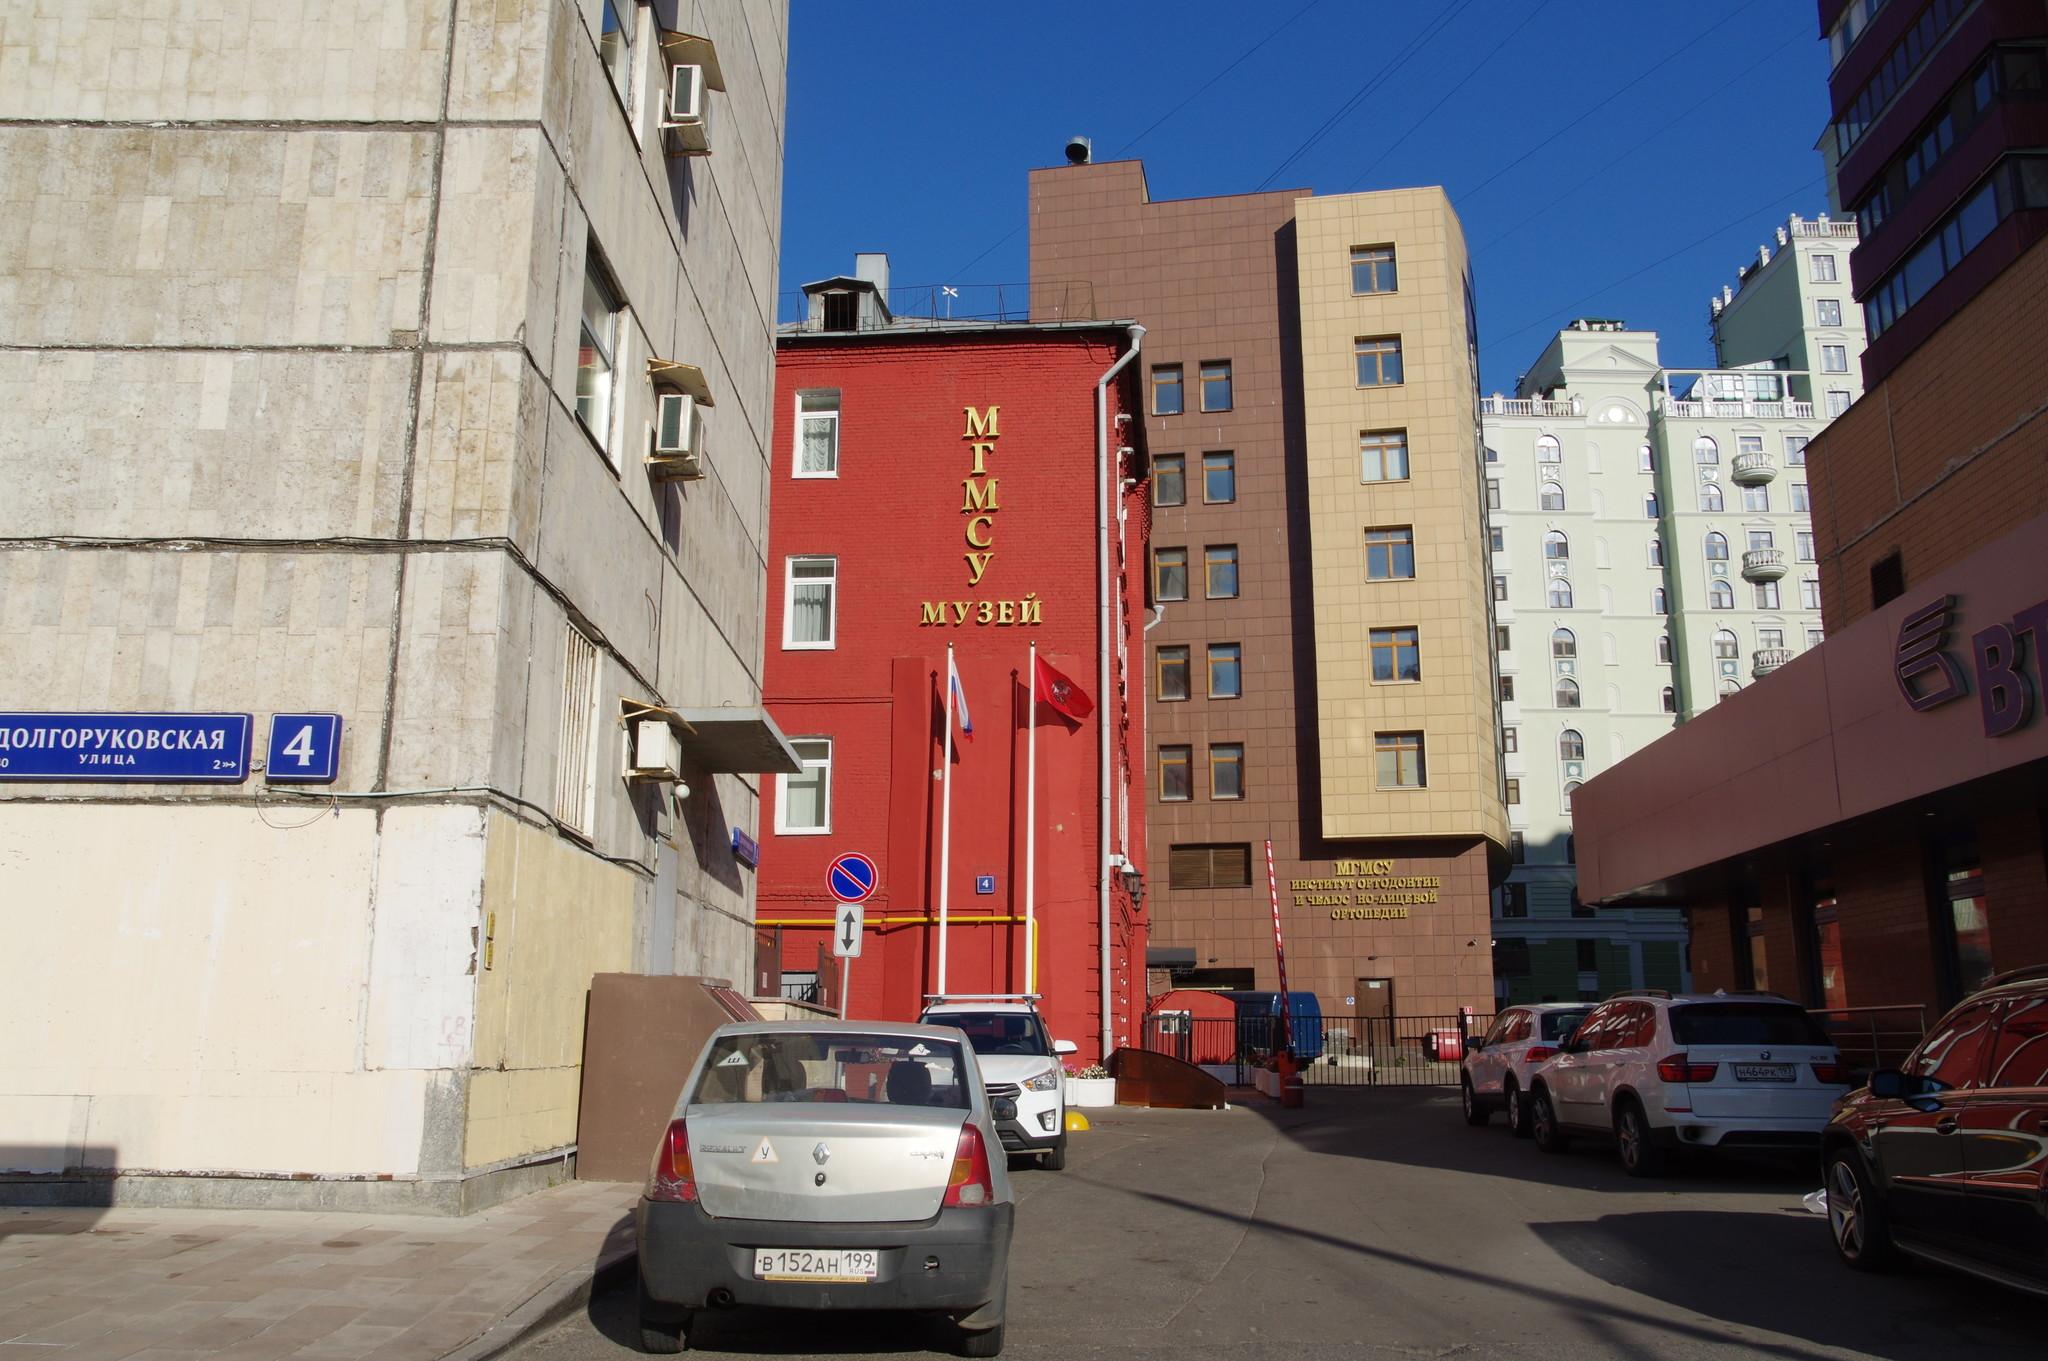 Московский государственный медико-стоматологический университет (Долгоруковская улица, дом 4)